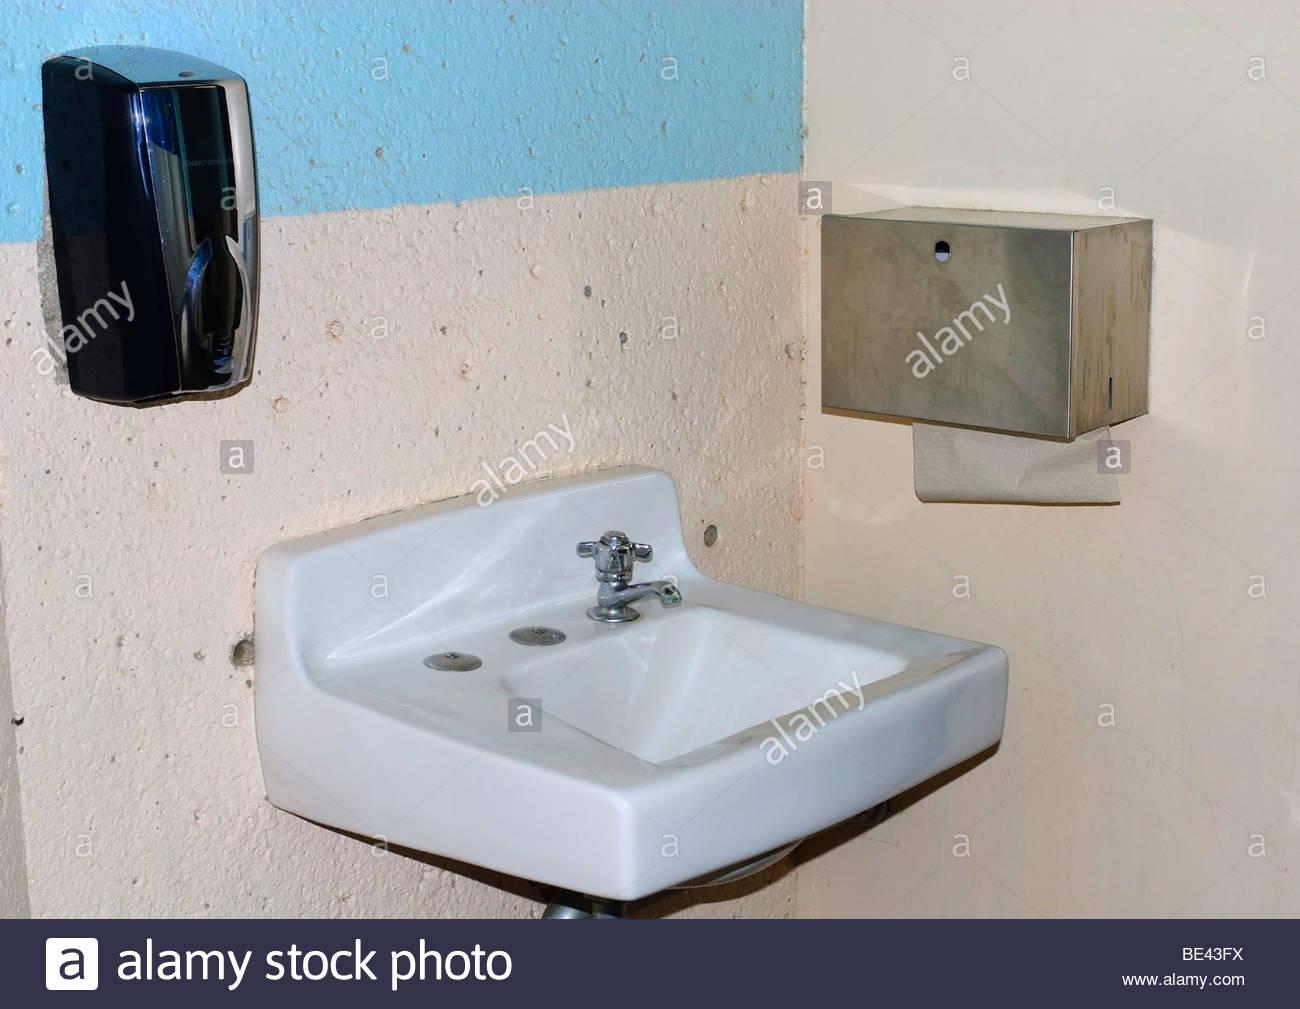 Public Toilet Sink Faucet Stock Photos Public Toilet Sink Faucet